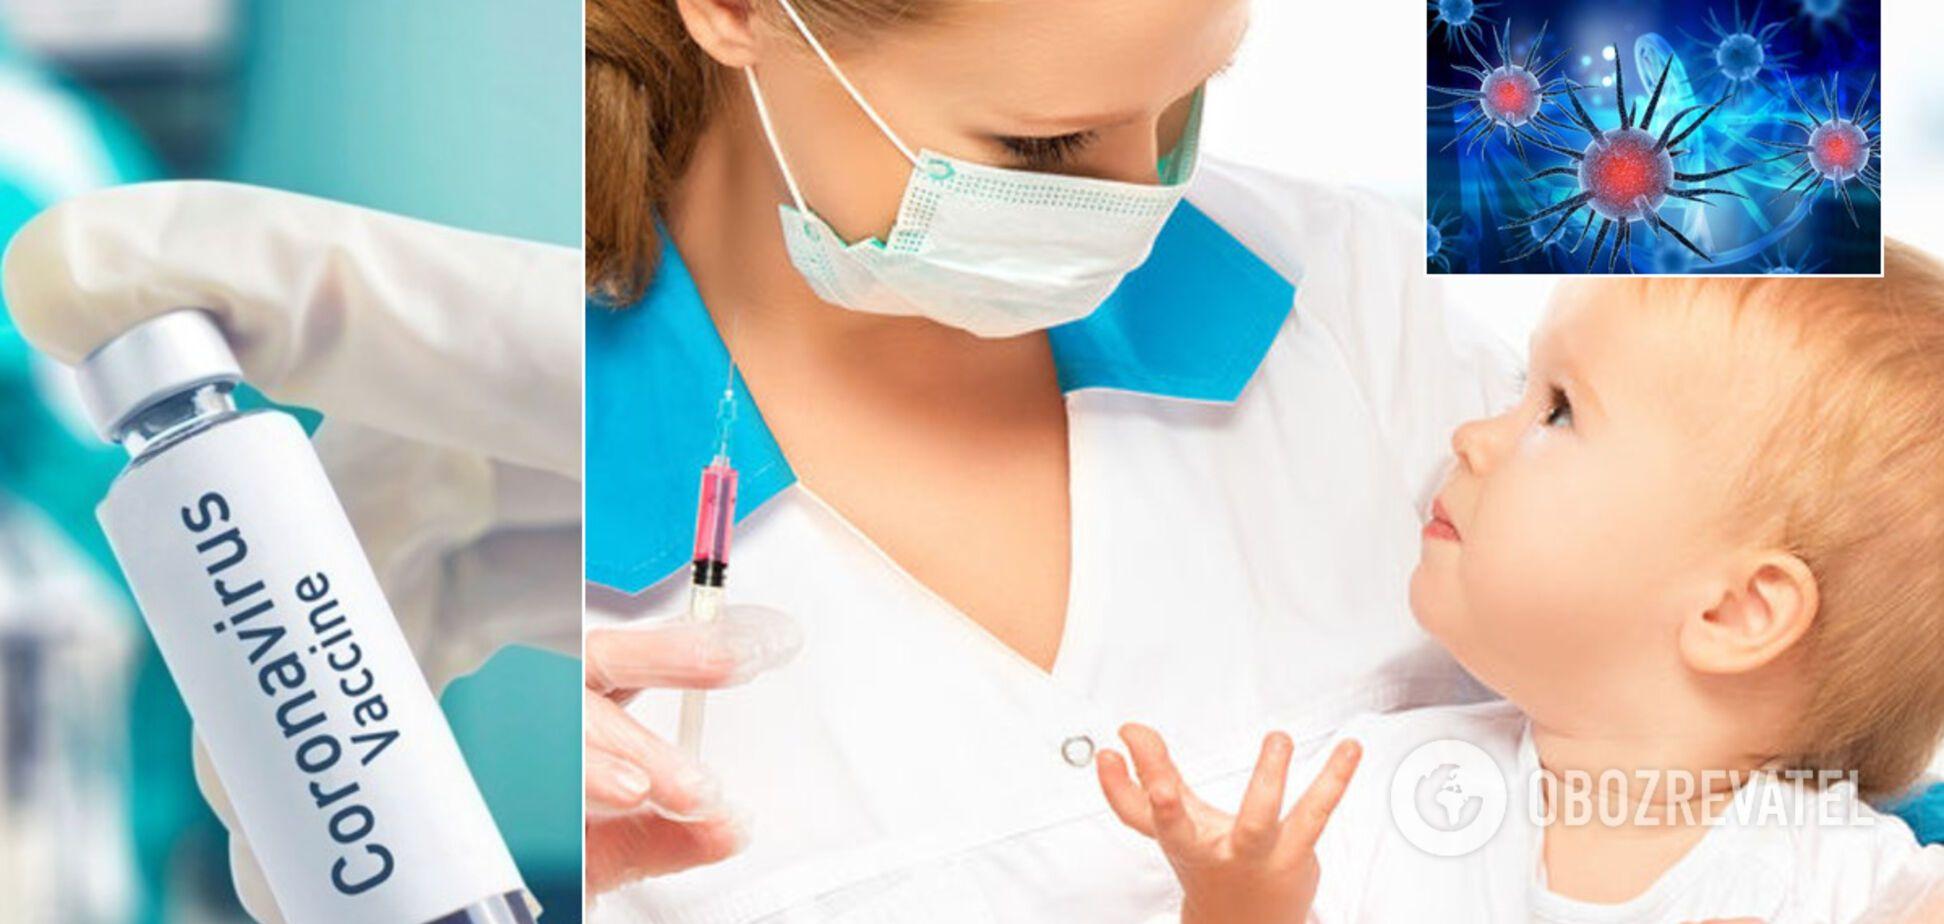 В Італії обнадіяли прогнозом щодо вакцини від COVID-19